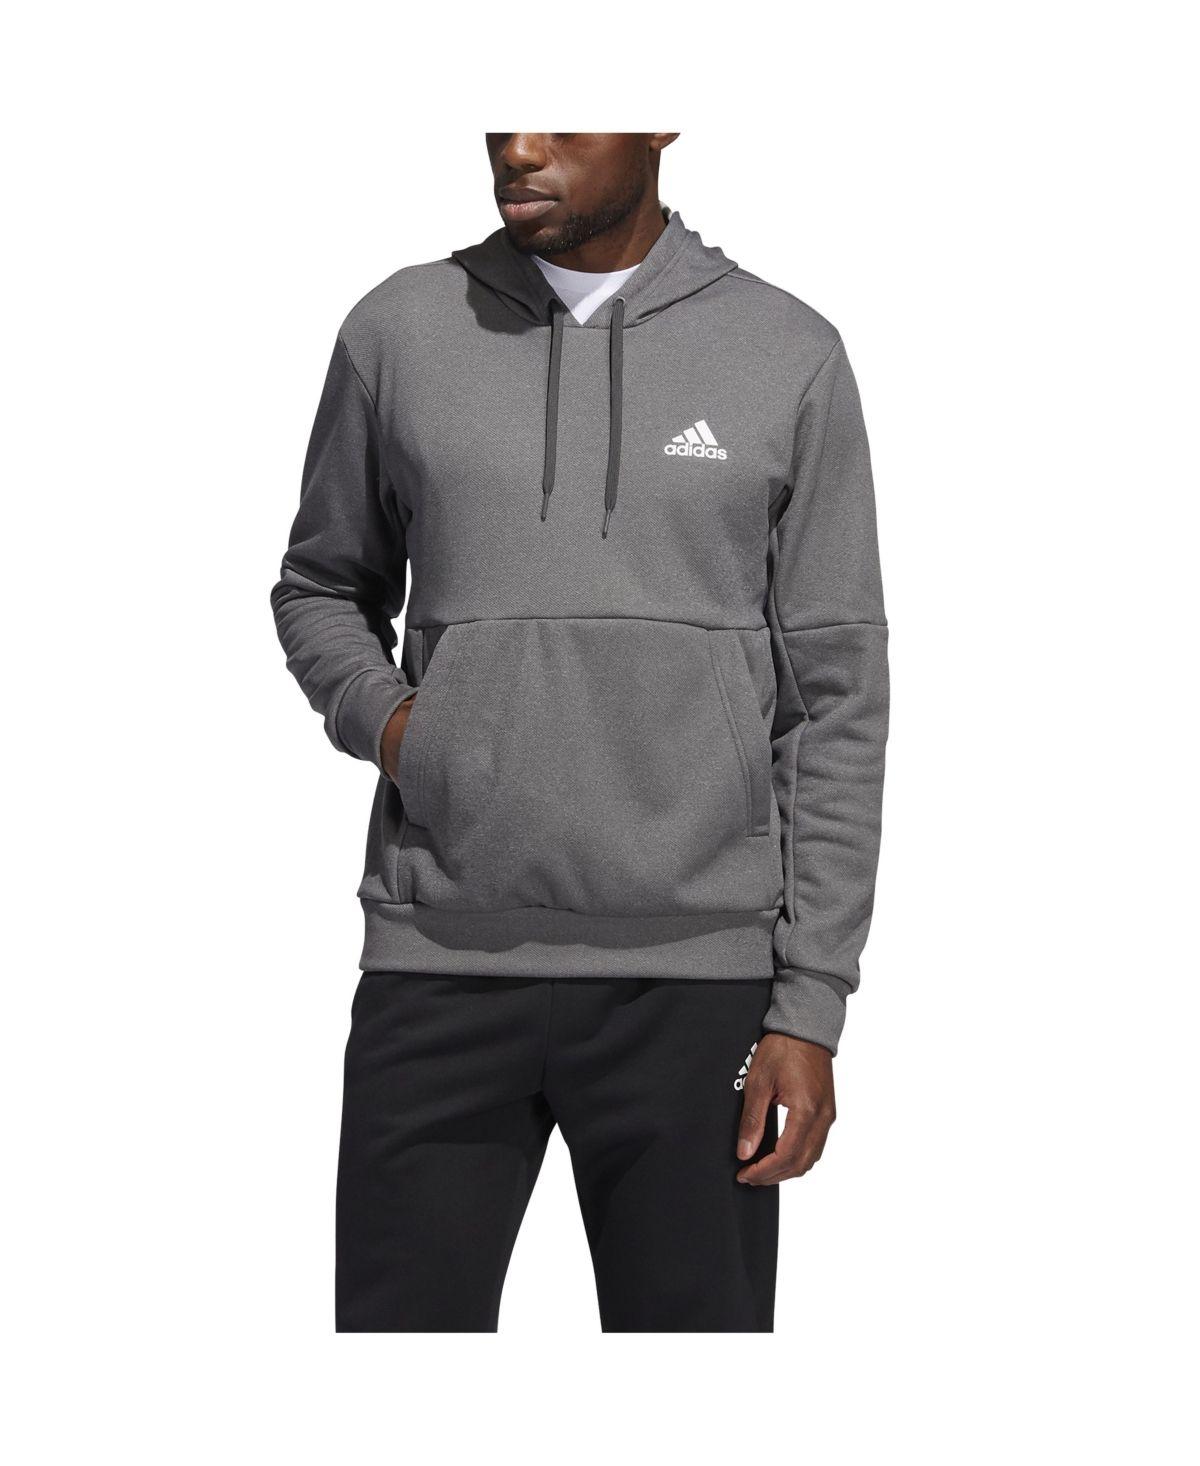 Adidas Men S Game And Go Pullover Hoodie Dark Grey Heather In 2021 Adidas Fleece Hoodie Mens Activewear Adidas Men [ 1466 x 1200 Pixel ]